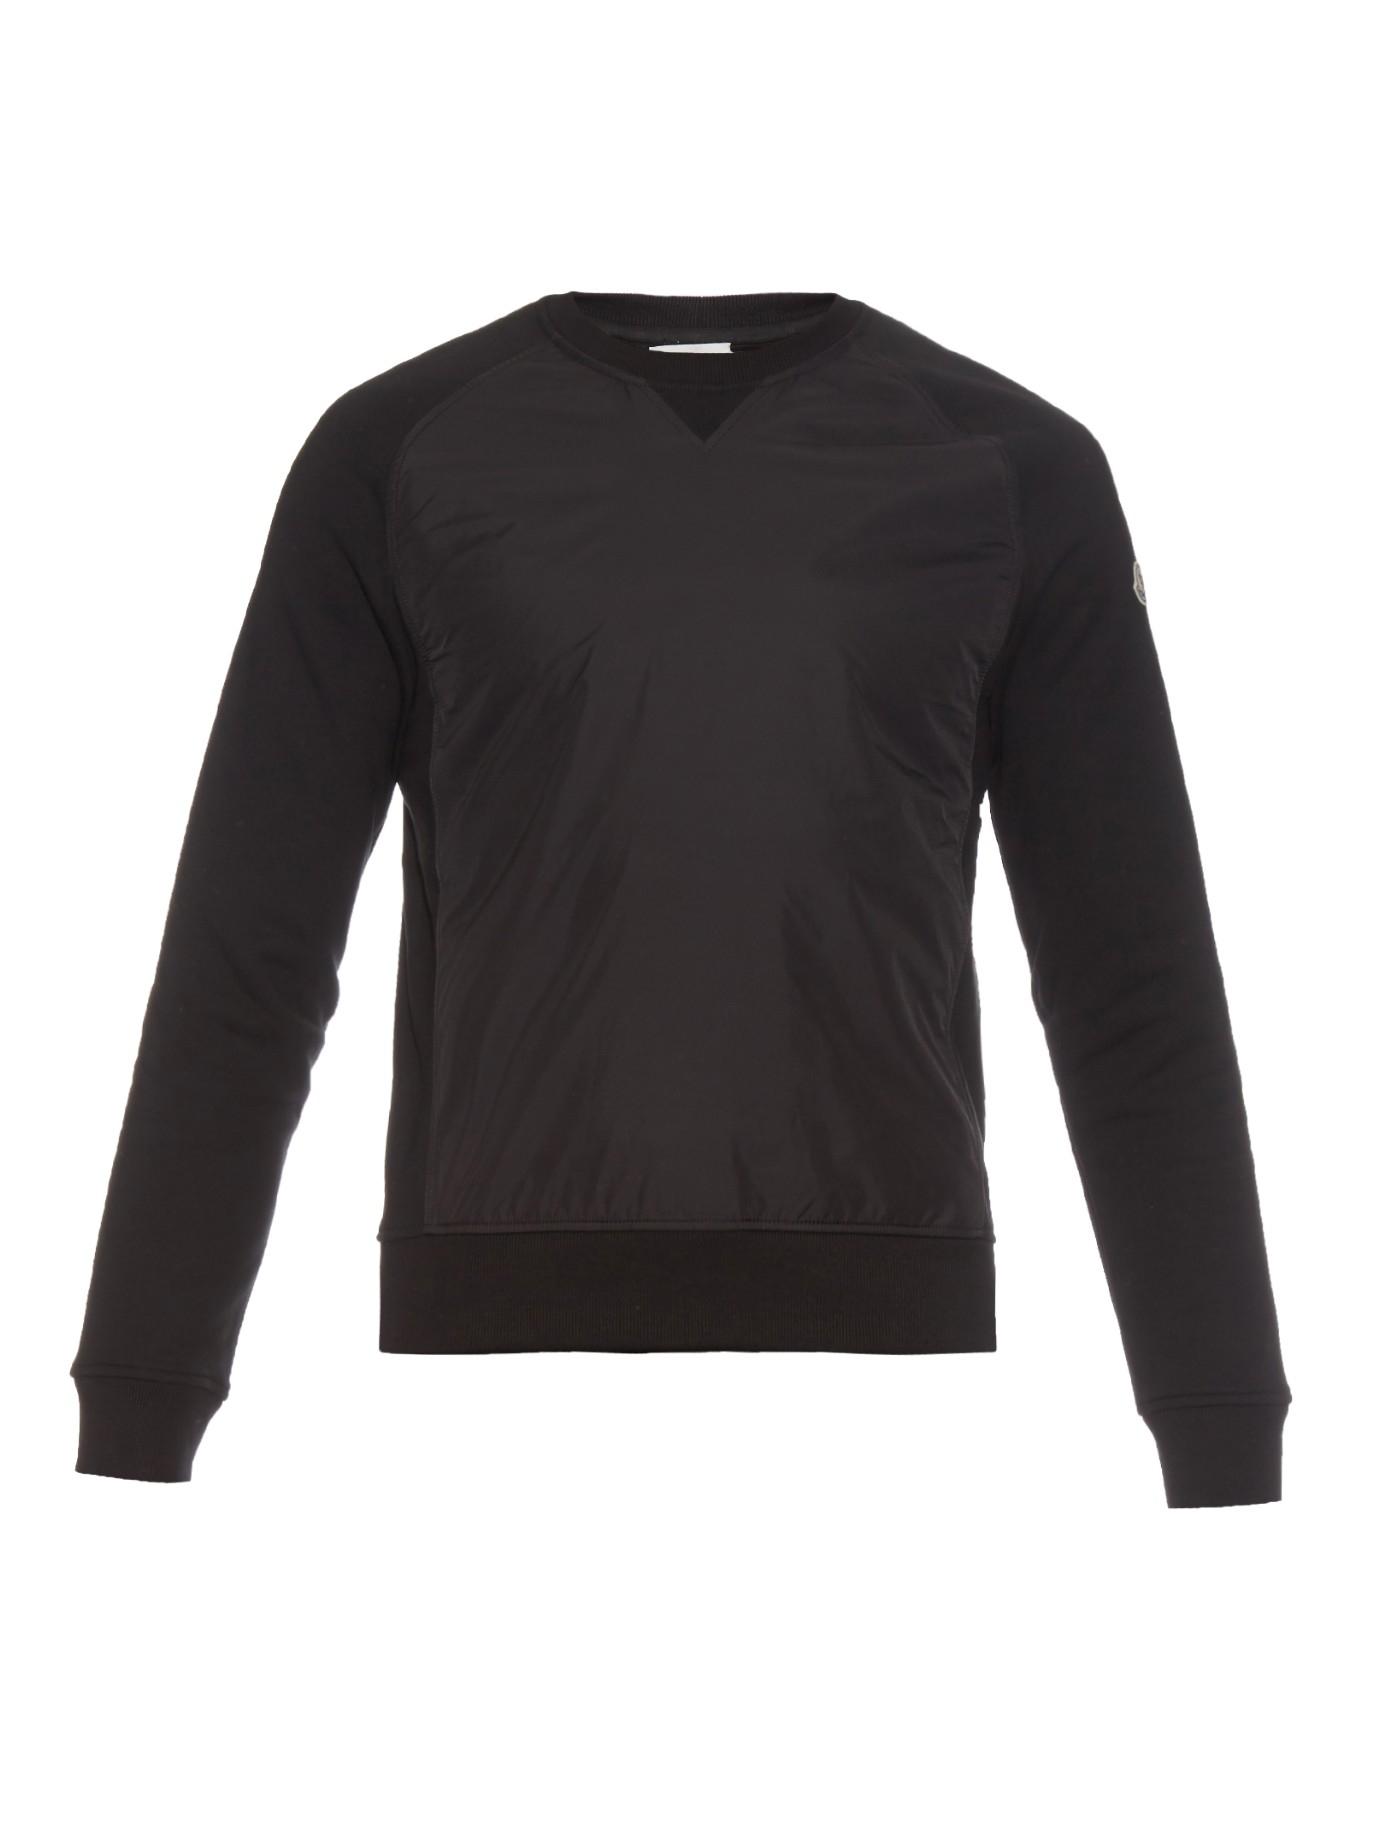 moncler jumper black